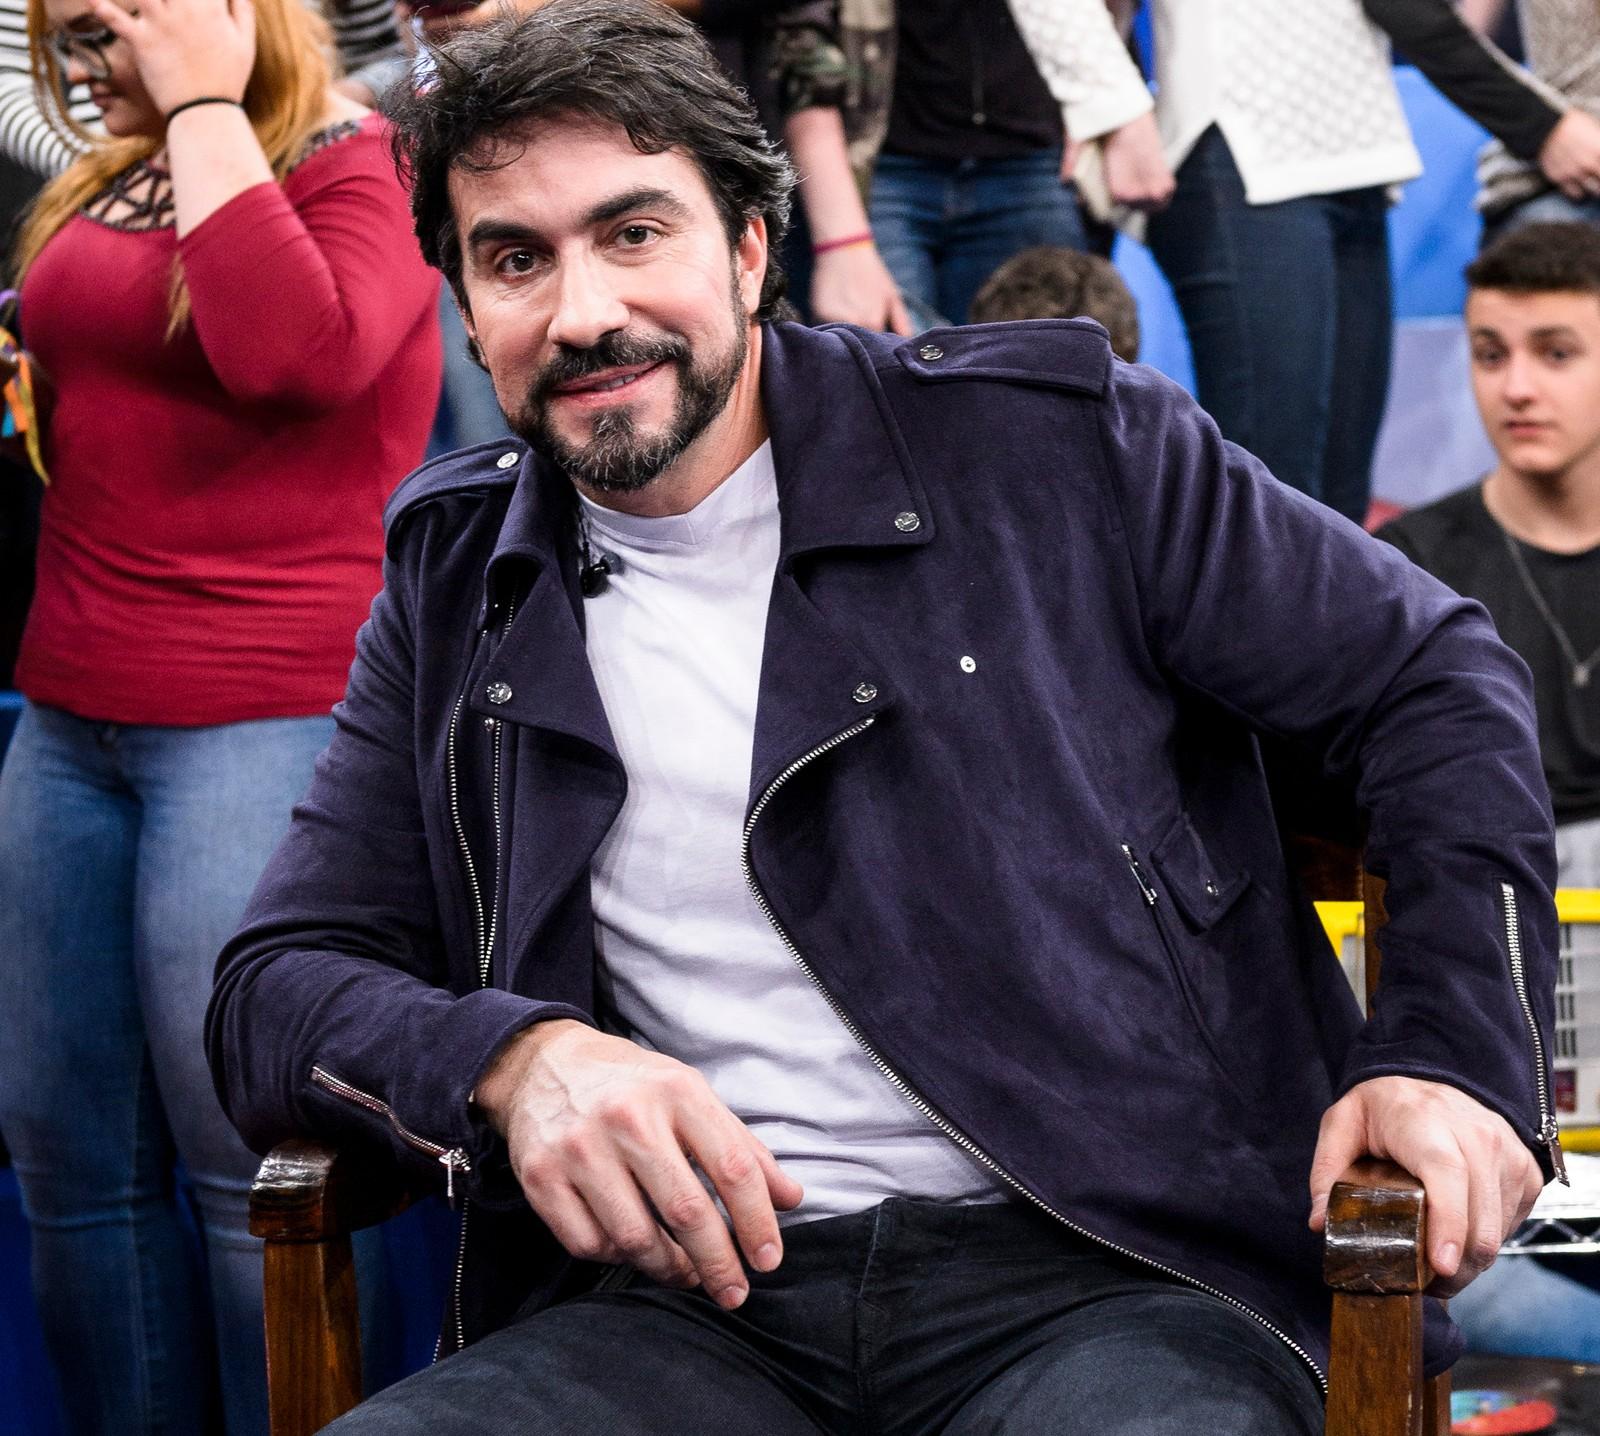 O Padre Fábio de Melo (Foto: Divulgação/TV Globo)